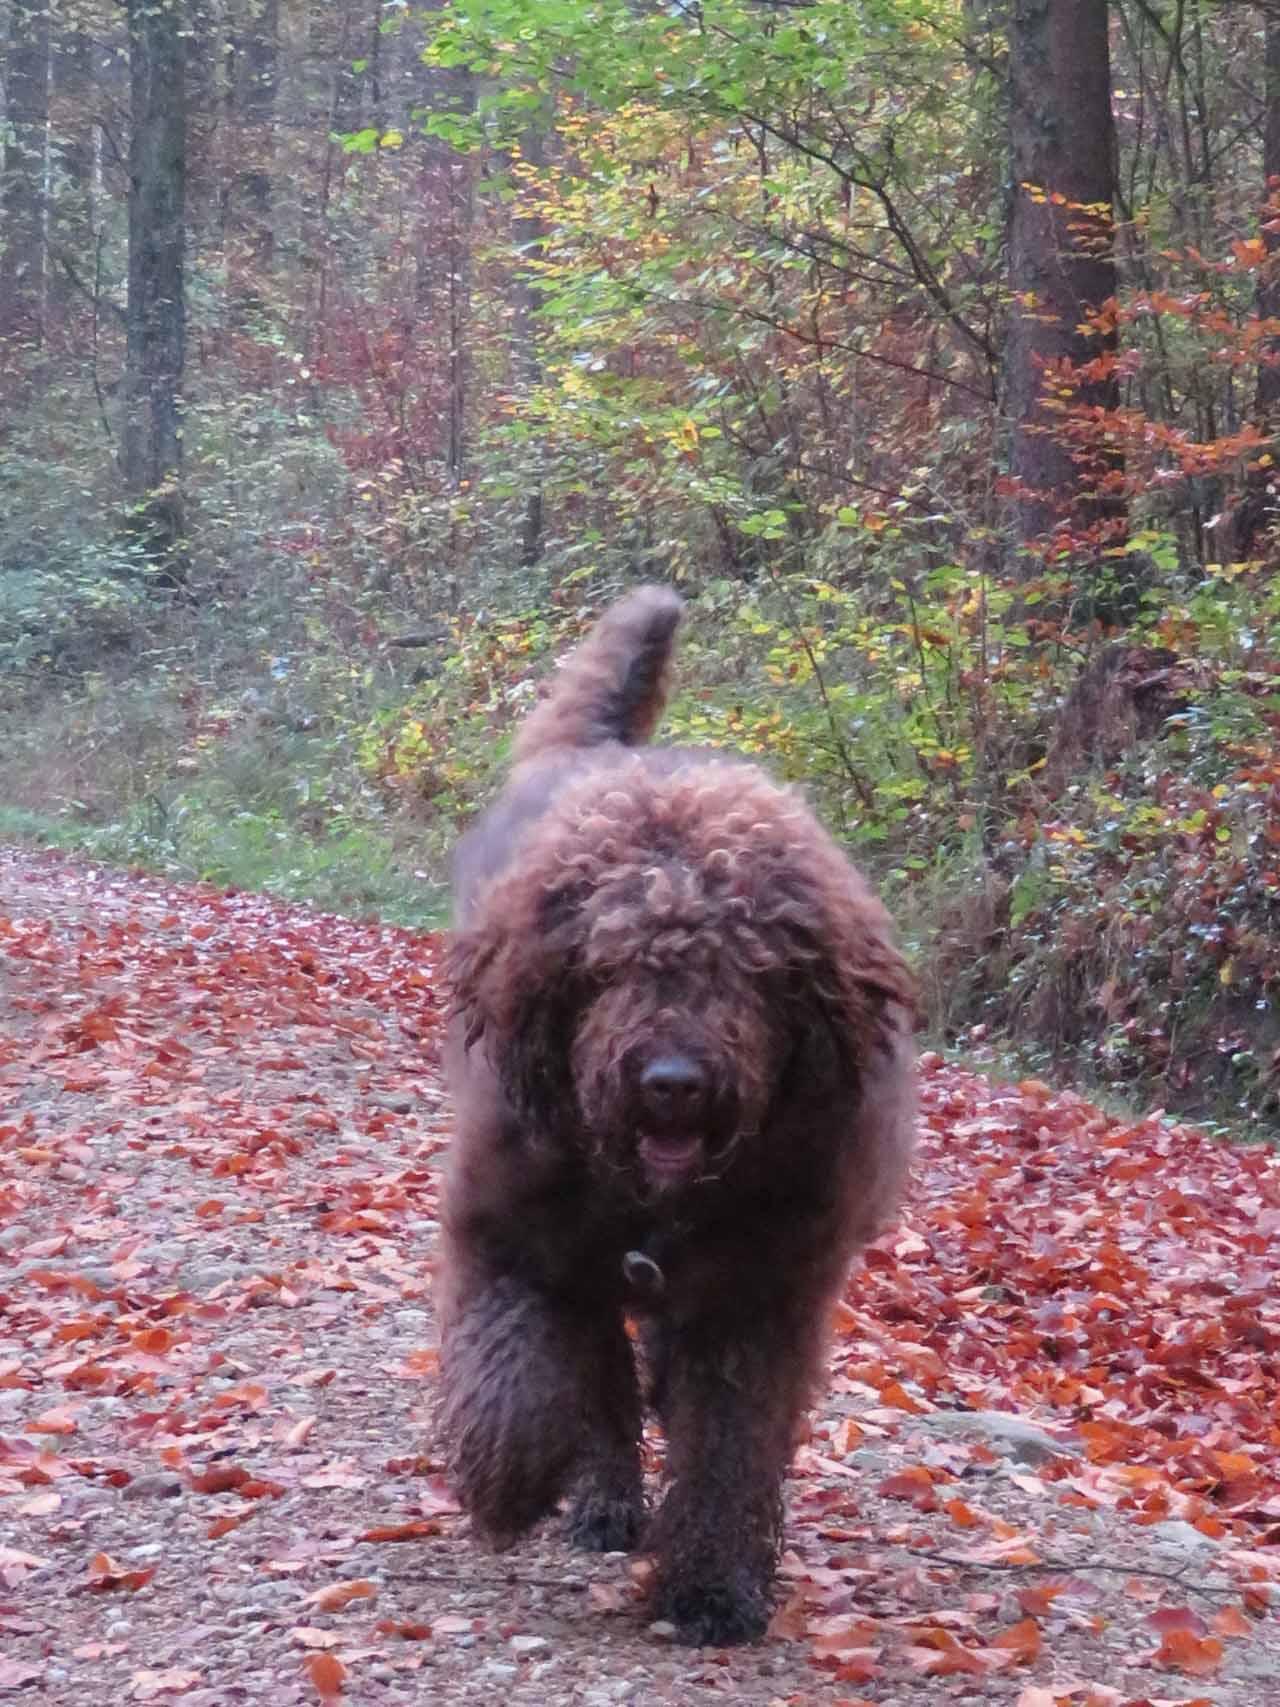 Glori geniesst den herbstlichen Wald